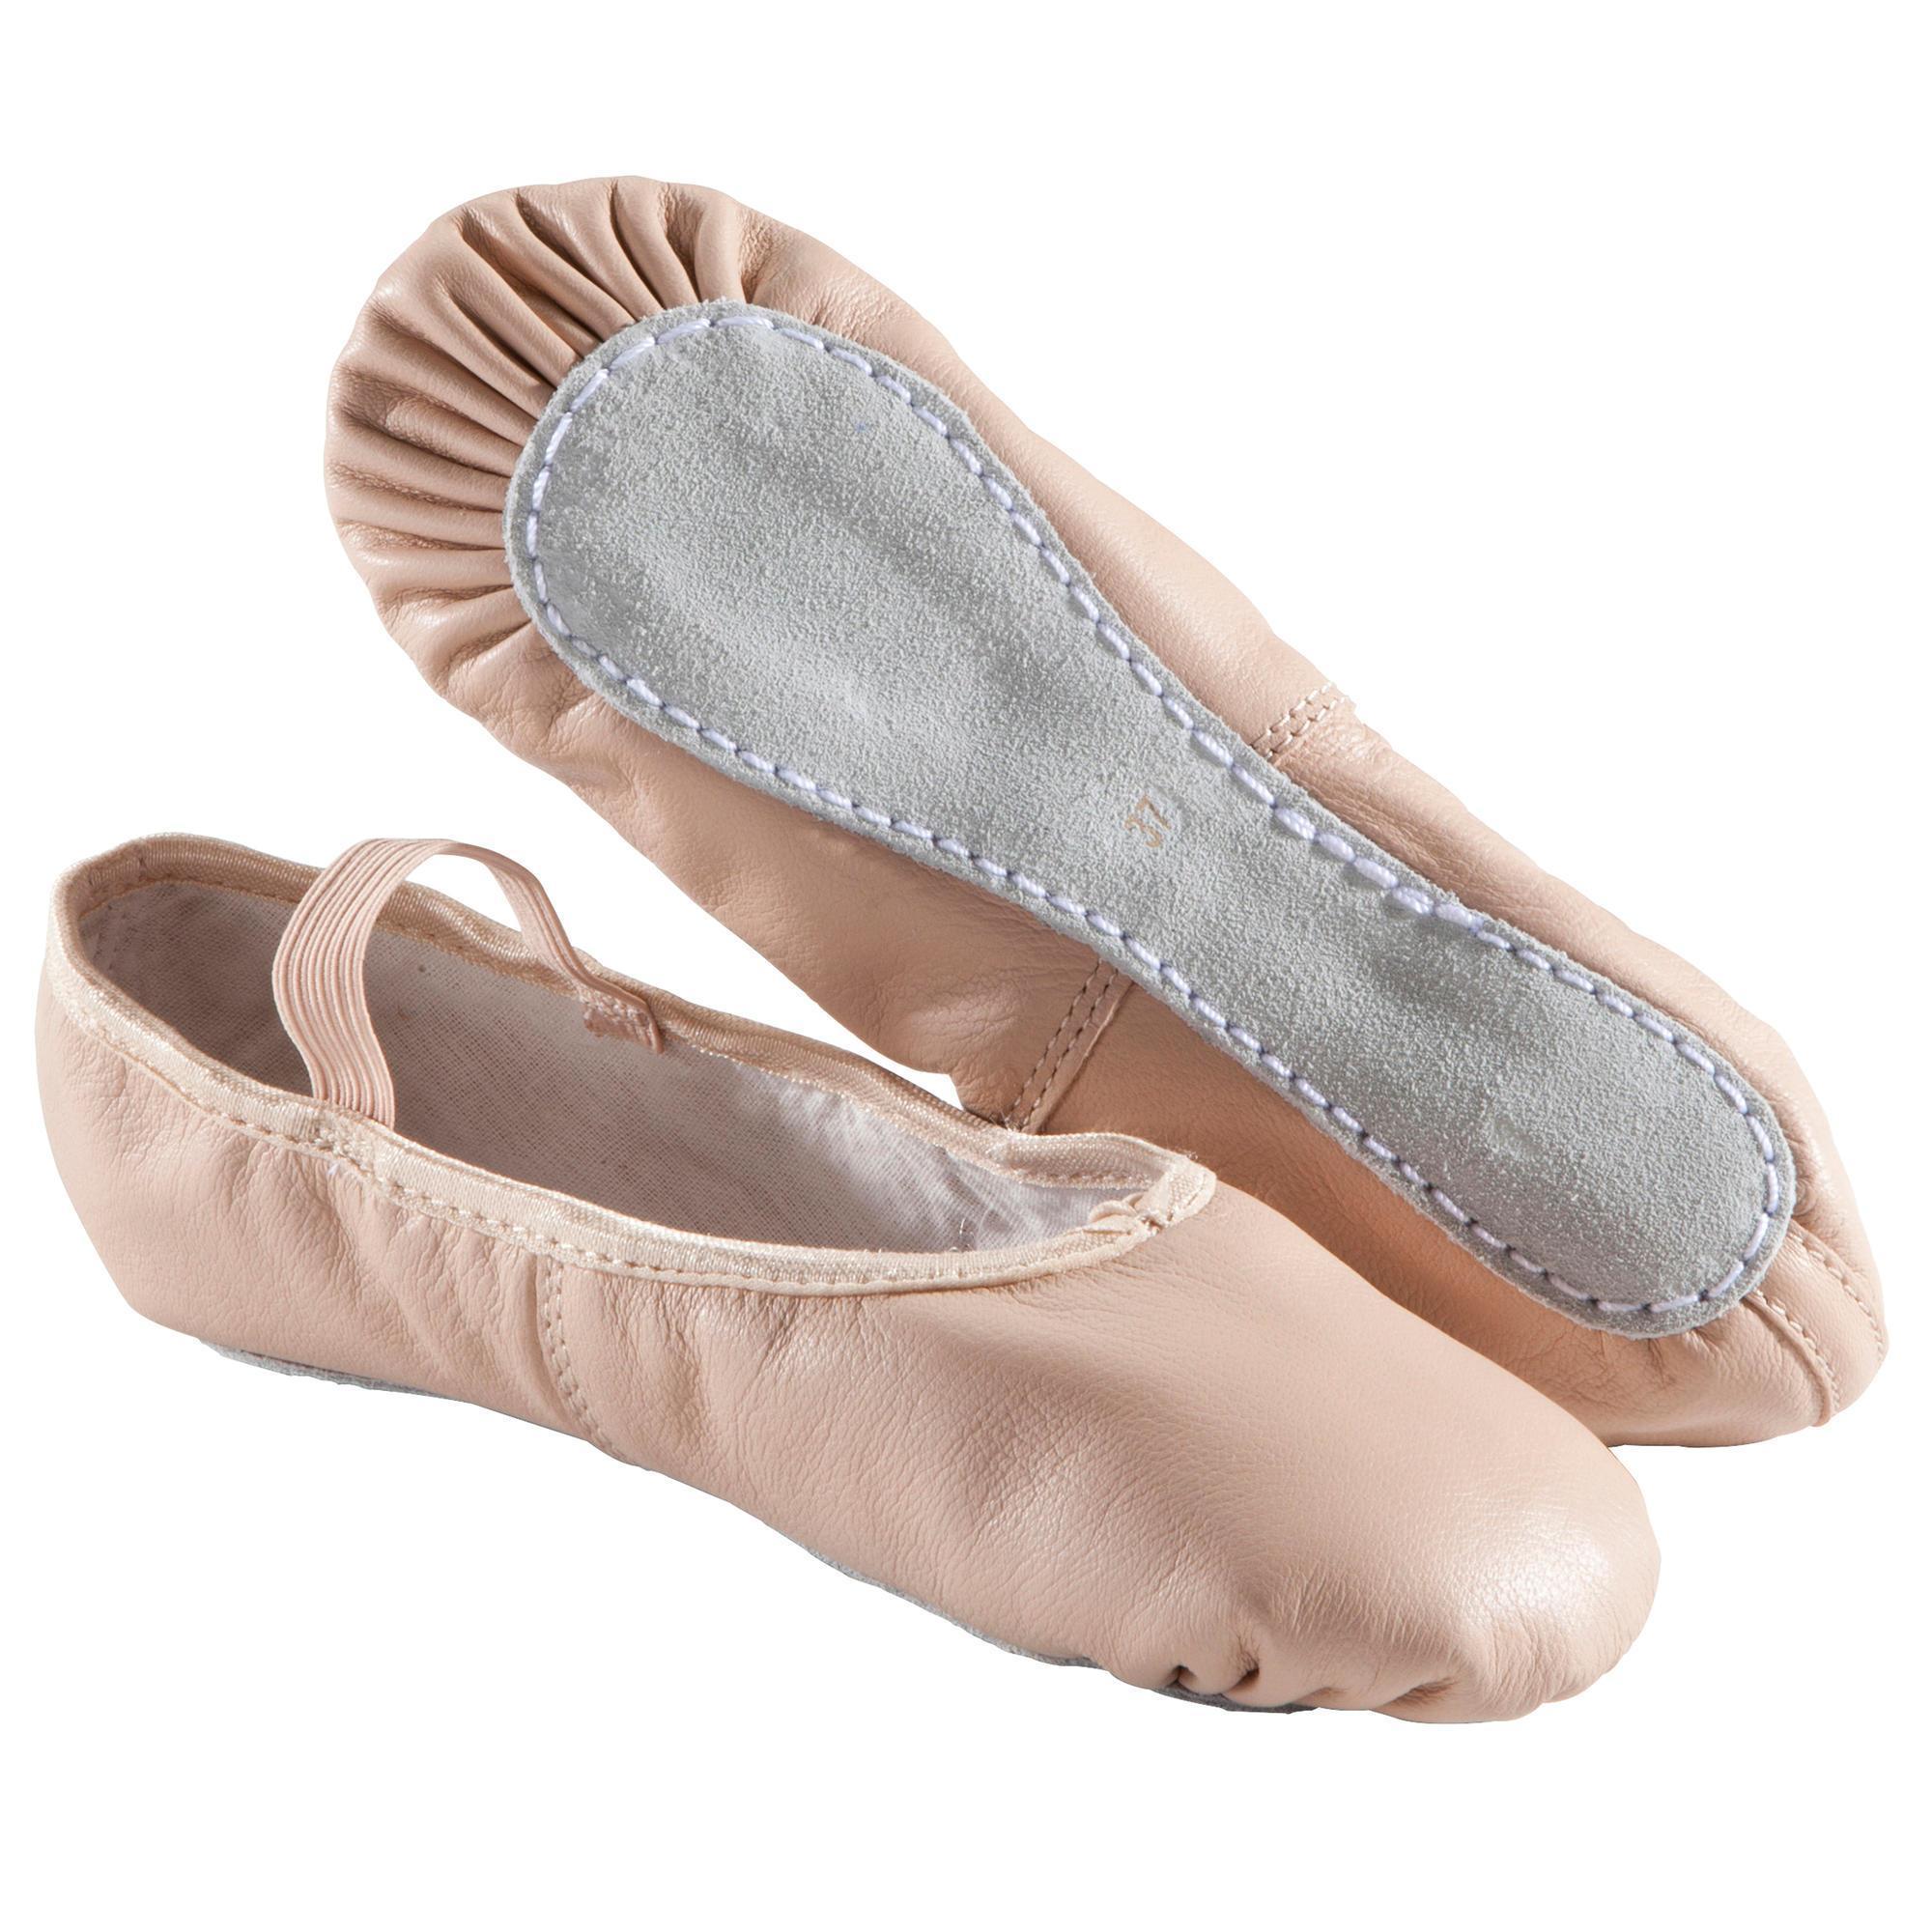 Dansschoenen kopen met voordeel